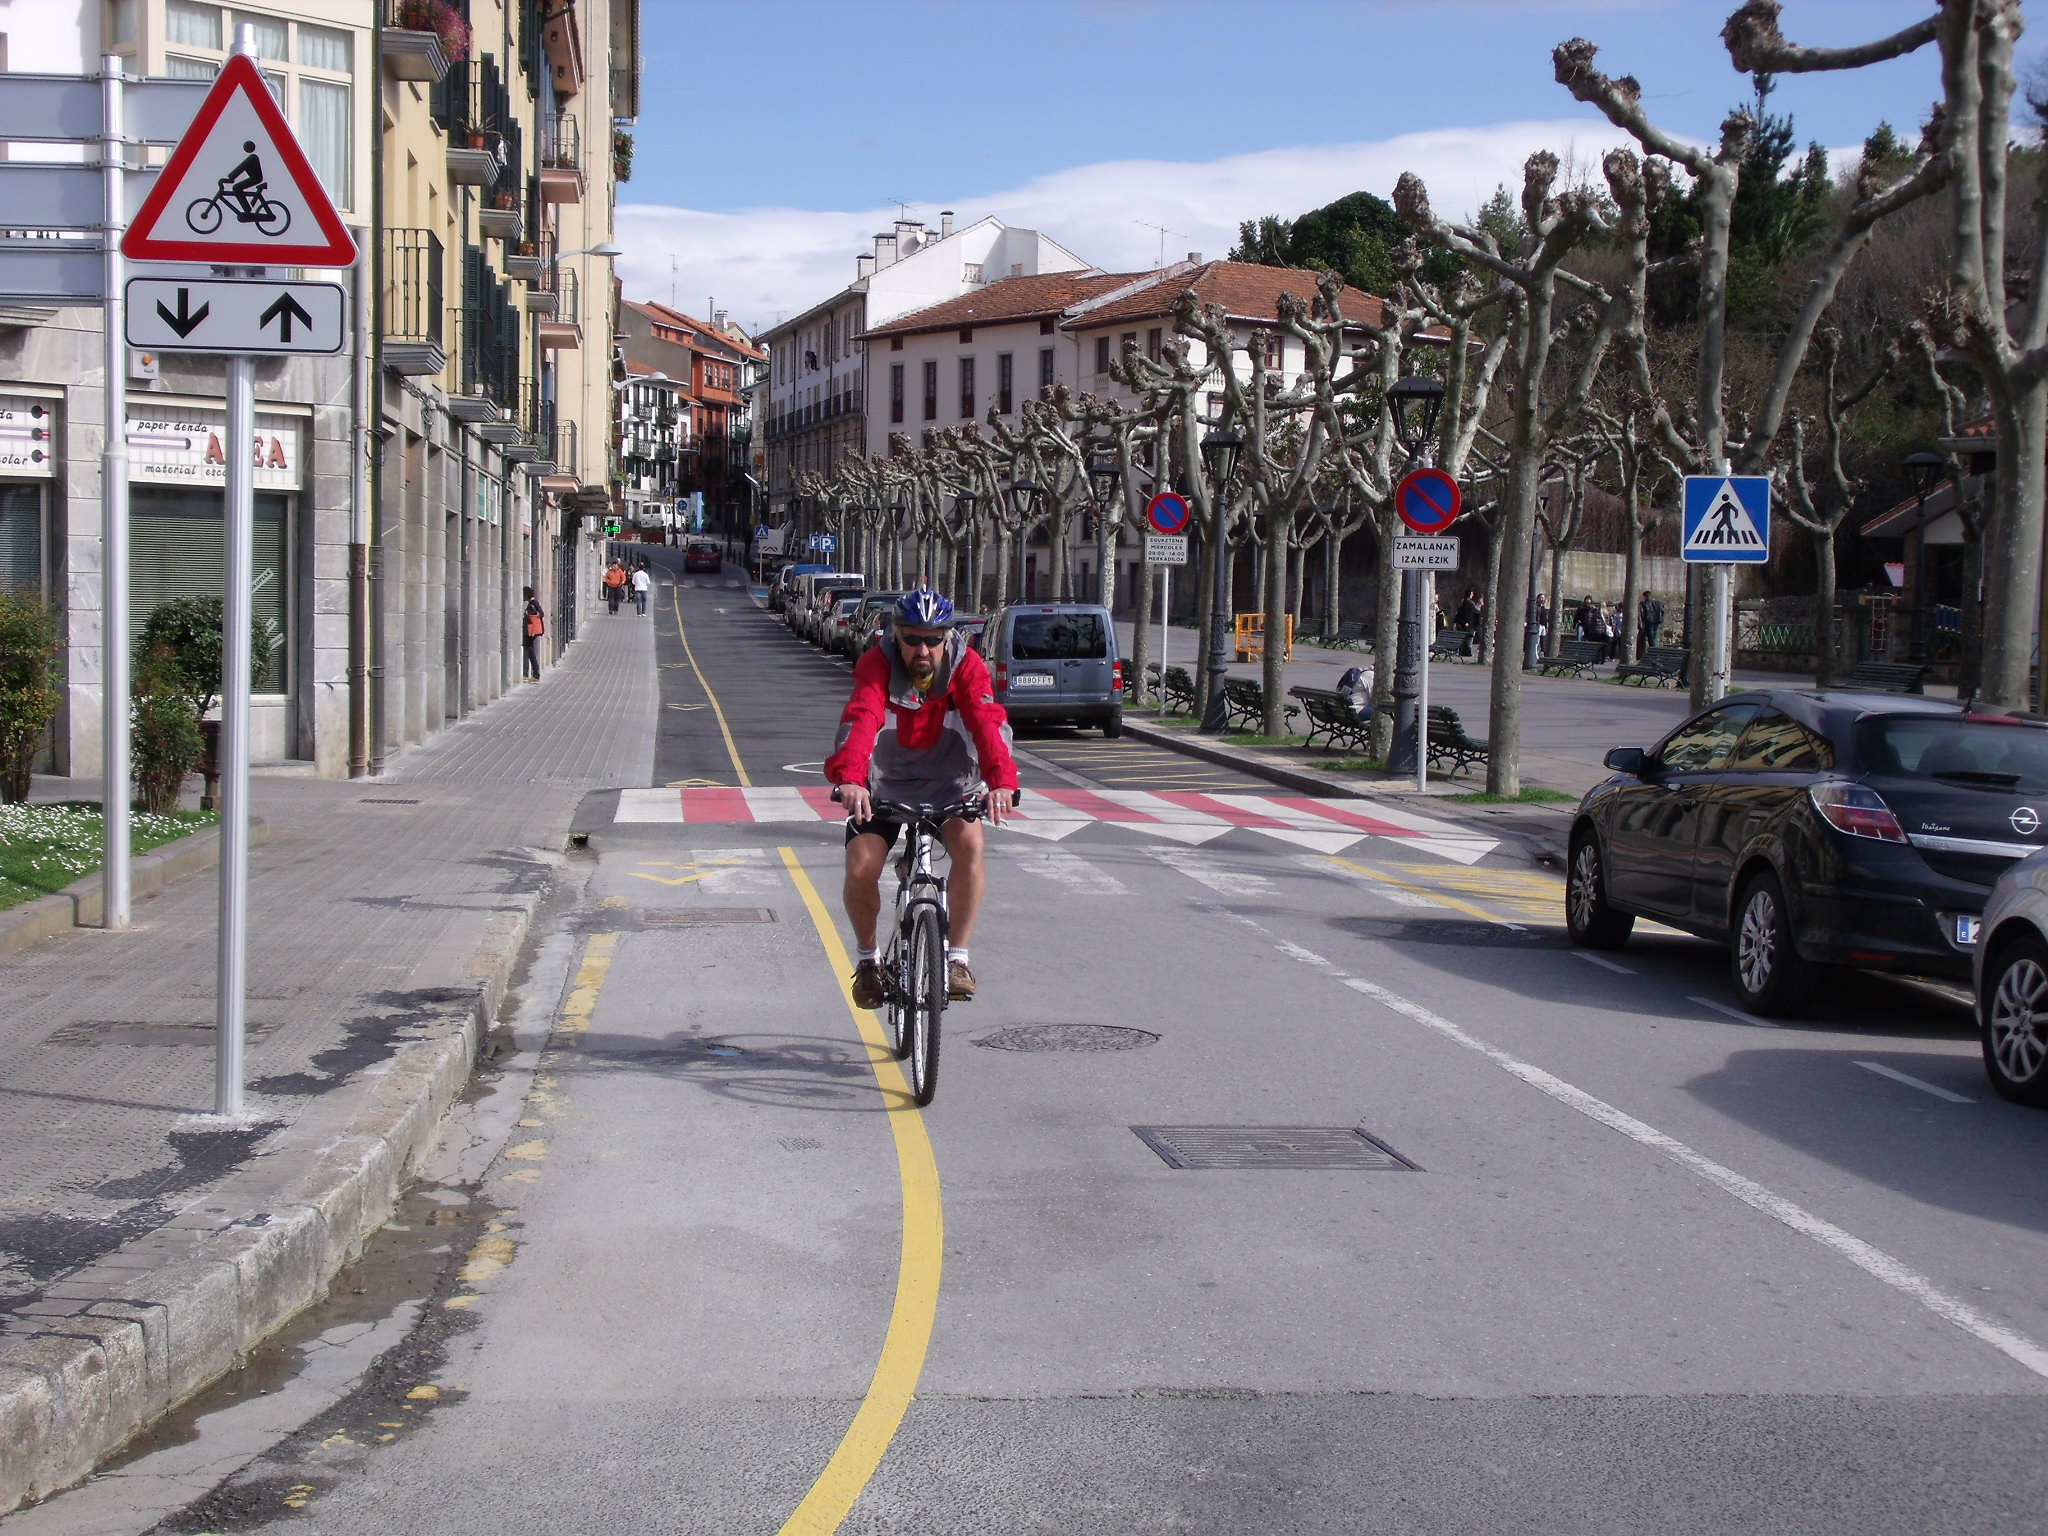 Darle protagonismo y soluciones a la bici. Vía ciclista en contracorriente en Lekeitio